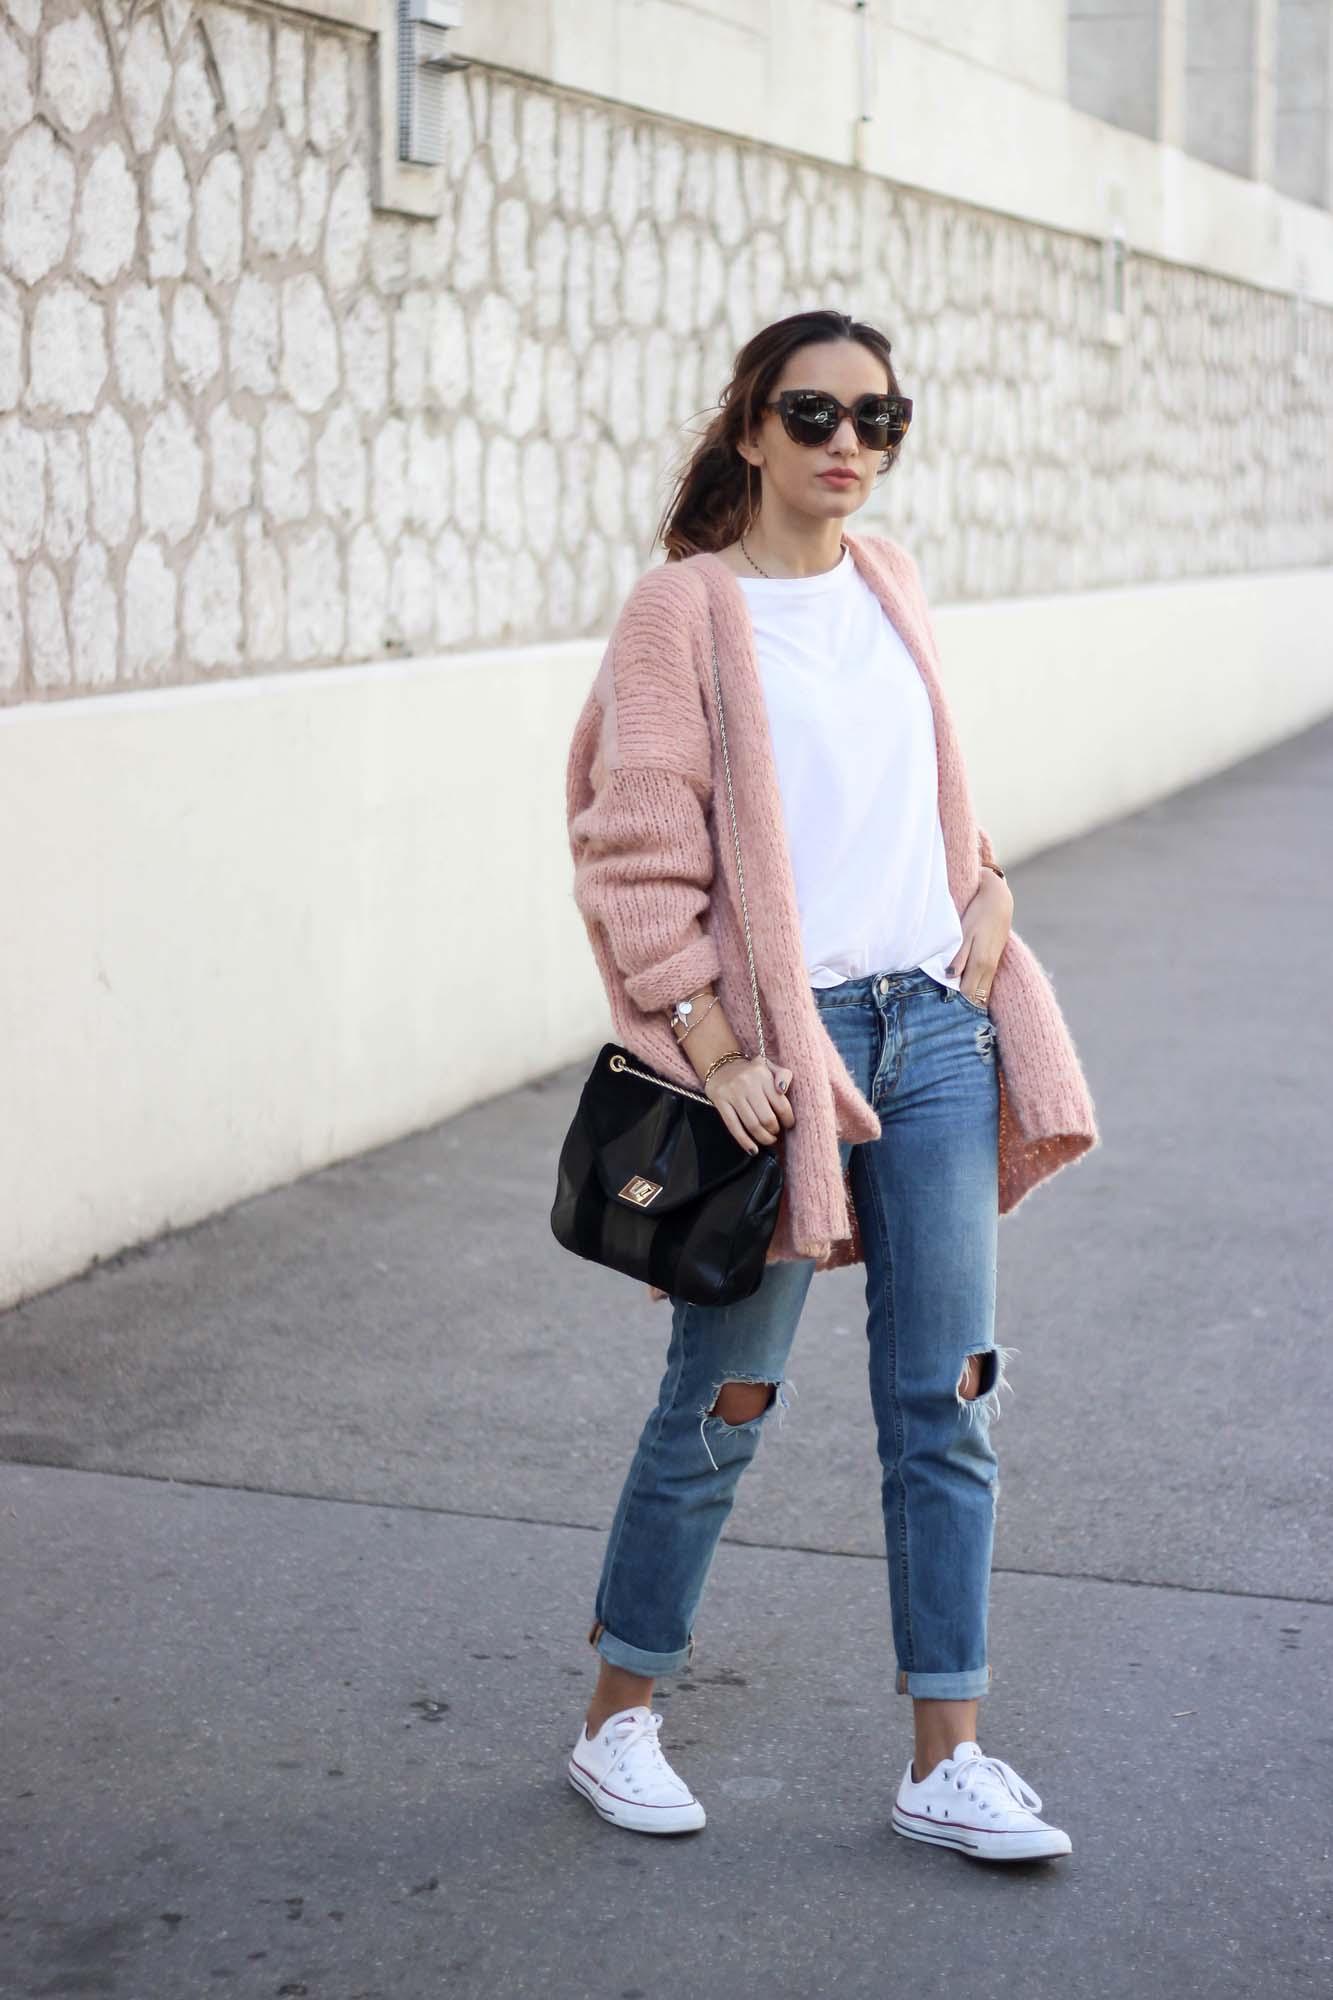 blog-mode-look-street-masculin-féminin